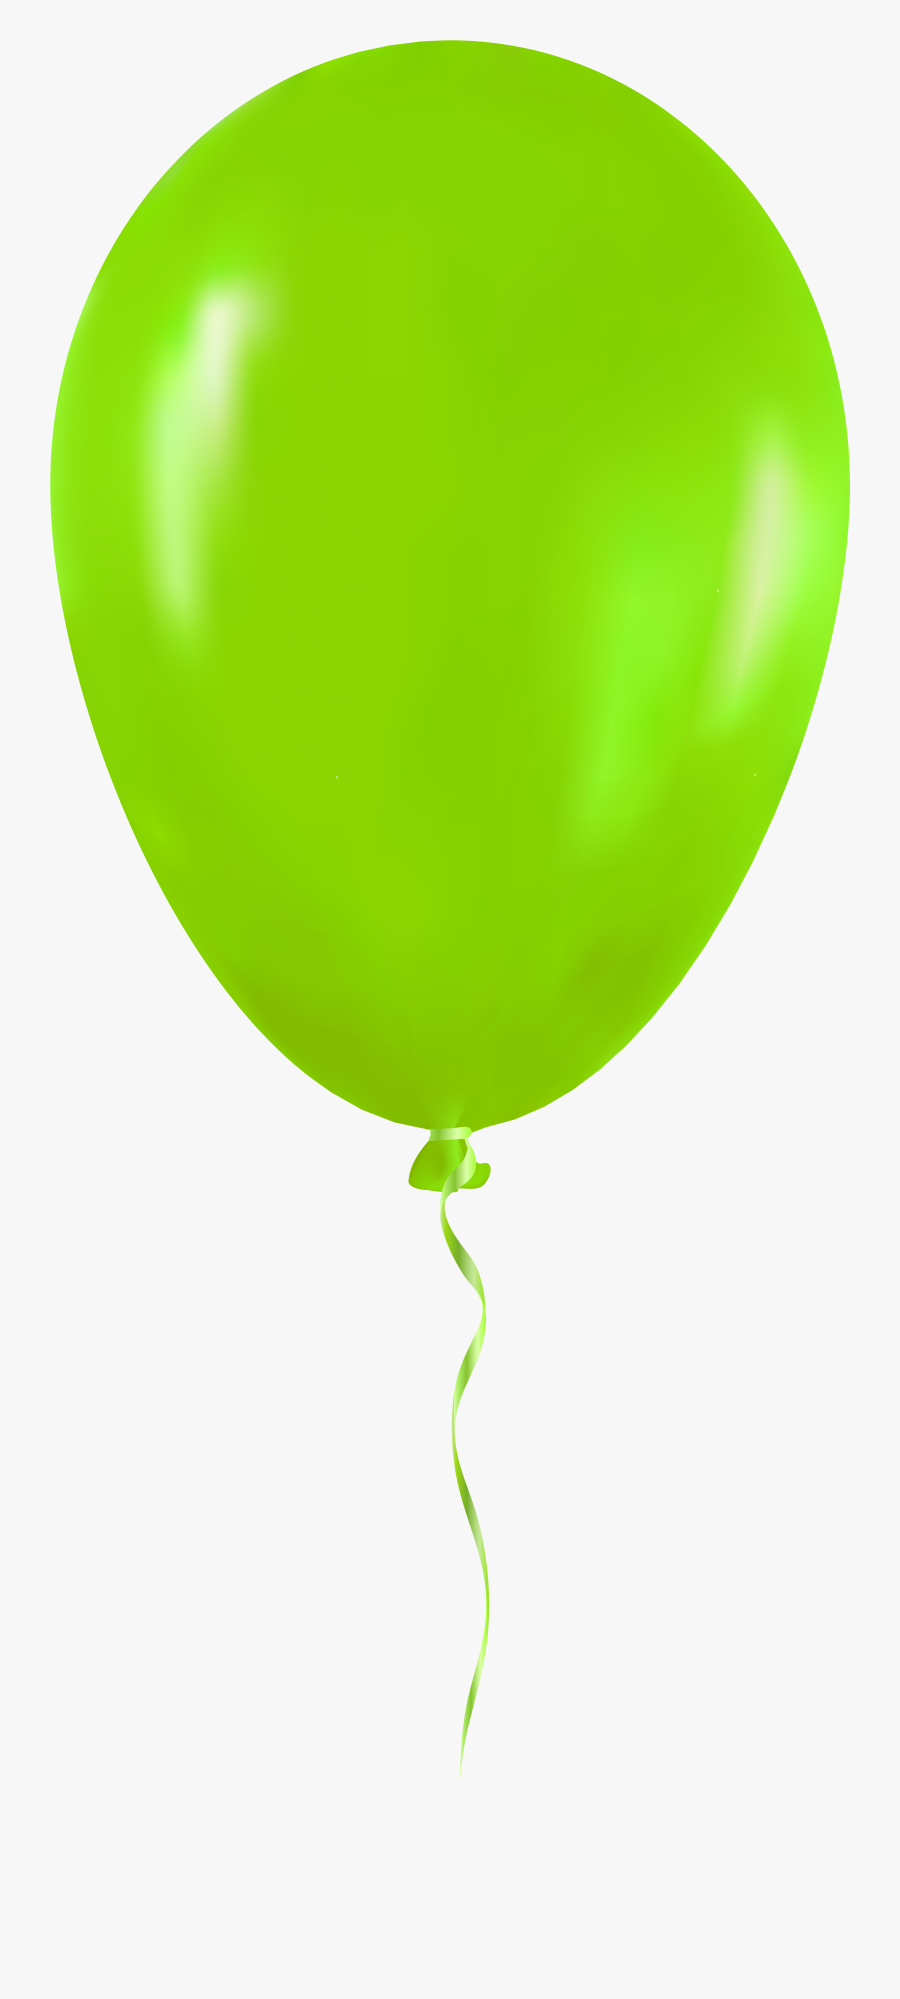 Green Balloon Png Clip Art - Green Balloon Transparent Background, Transparent Clipart